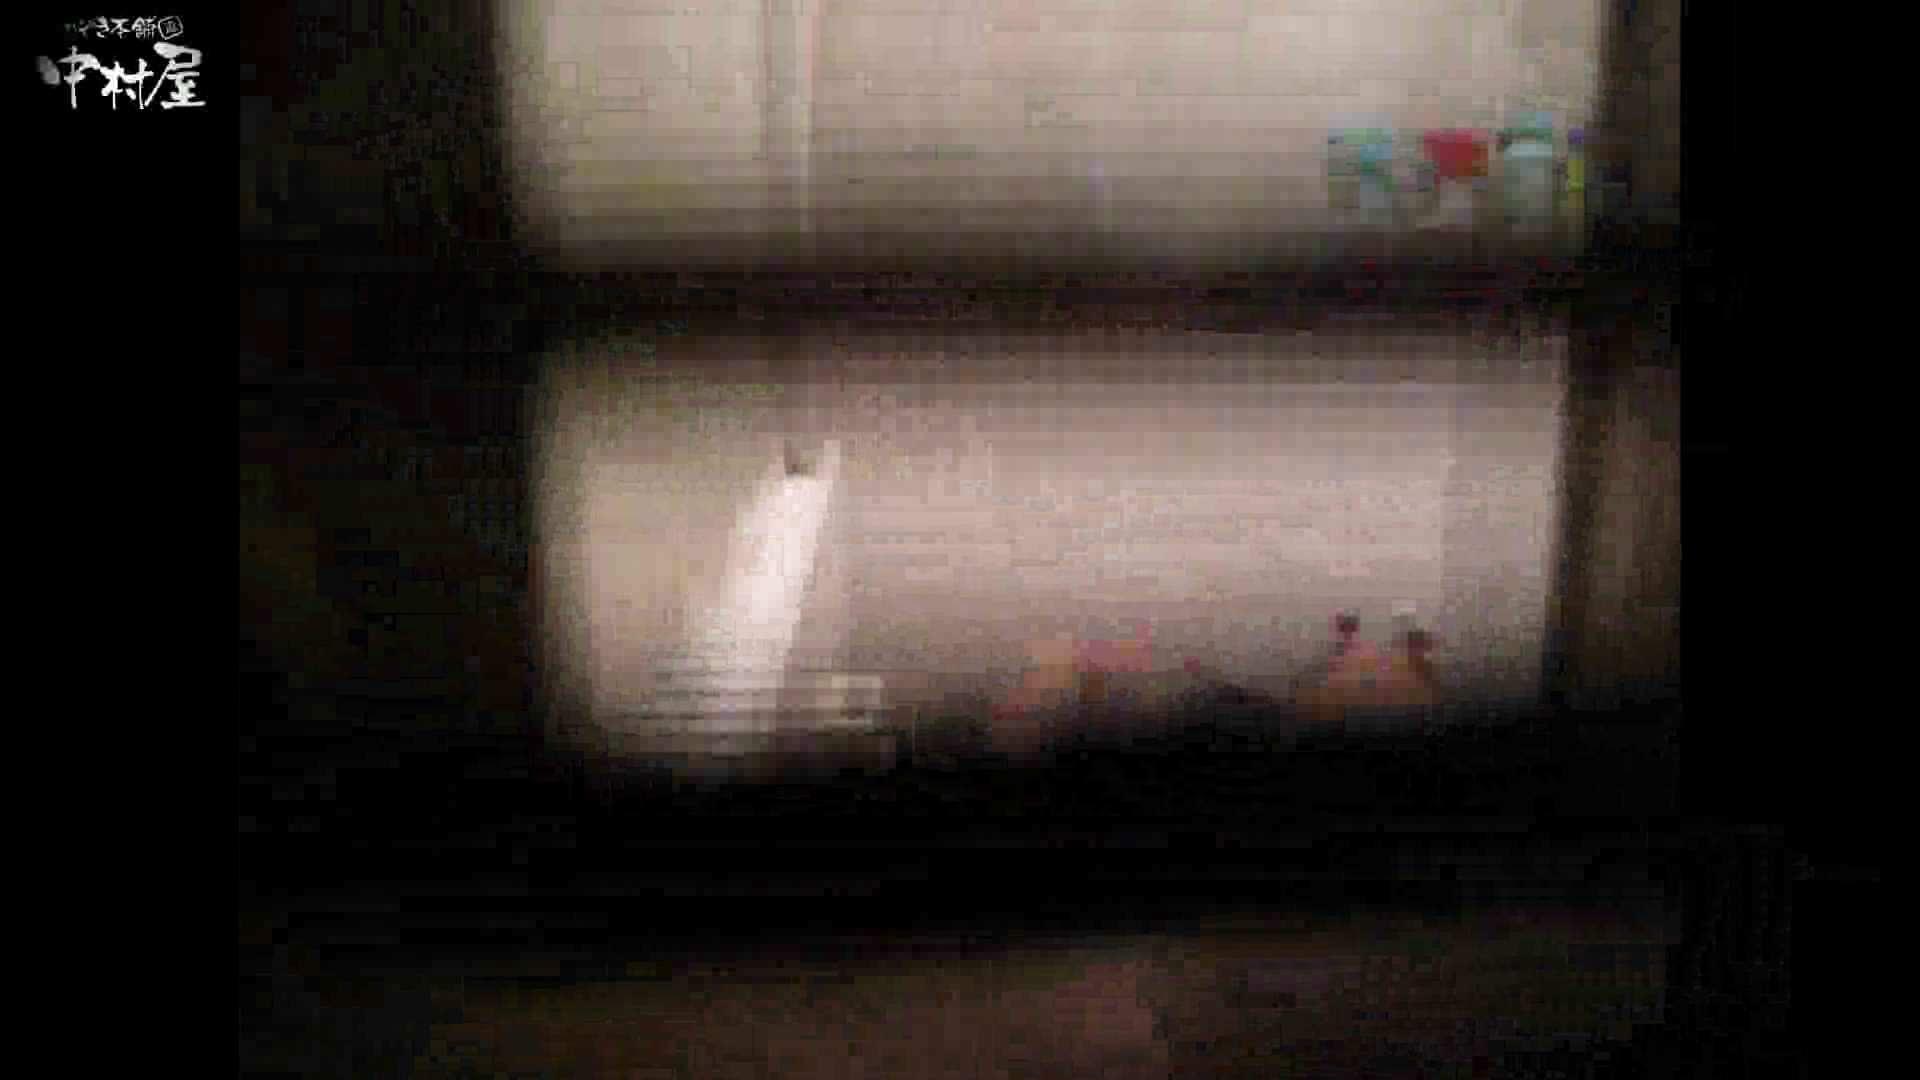 民家風呂専門盗撮師の超危険映像 vol.017 美少女ヌード  87画像 72